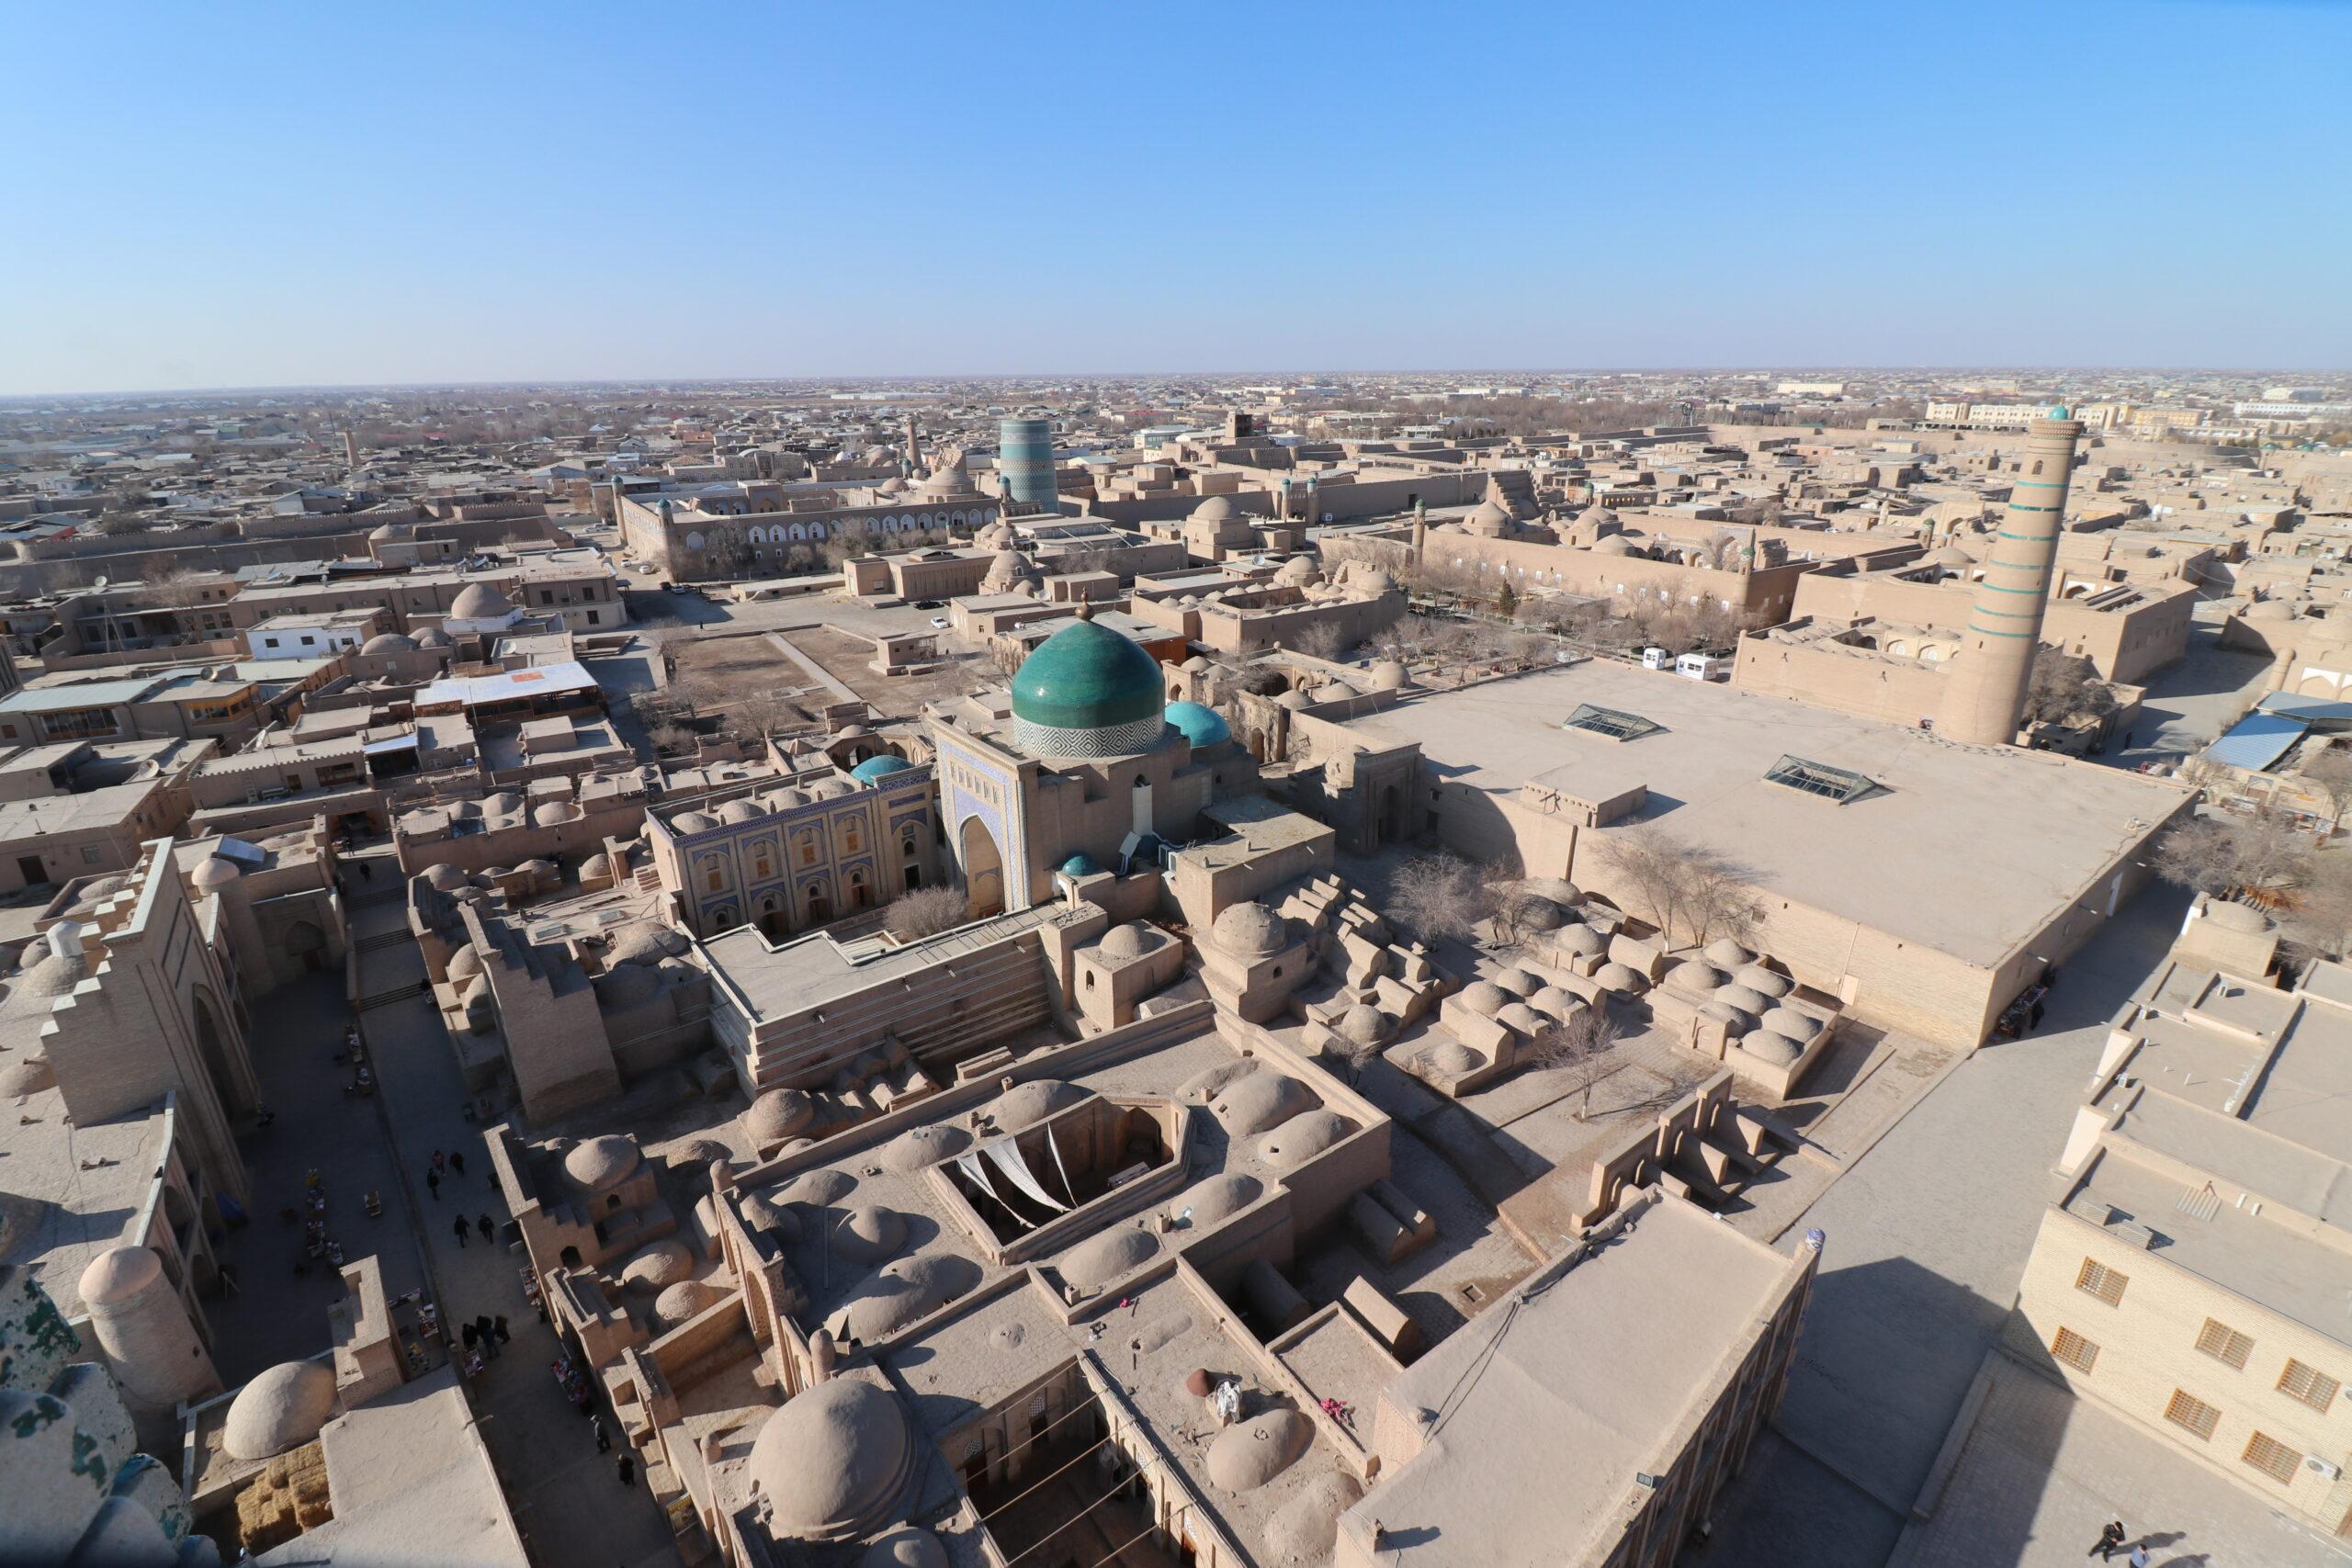 【世界遺産】ウズベキスタン・ヒヴァの世界遺産イチャン・カラを歩く